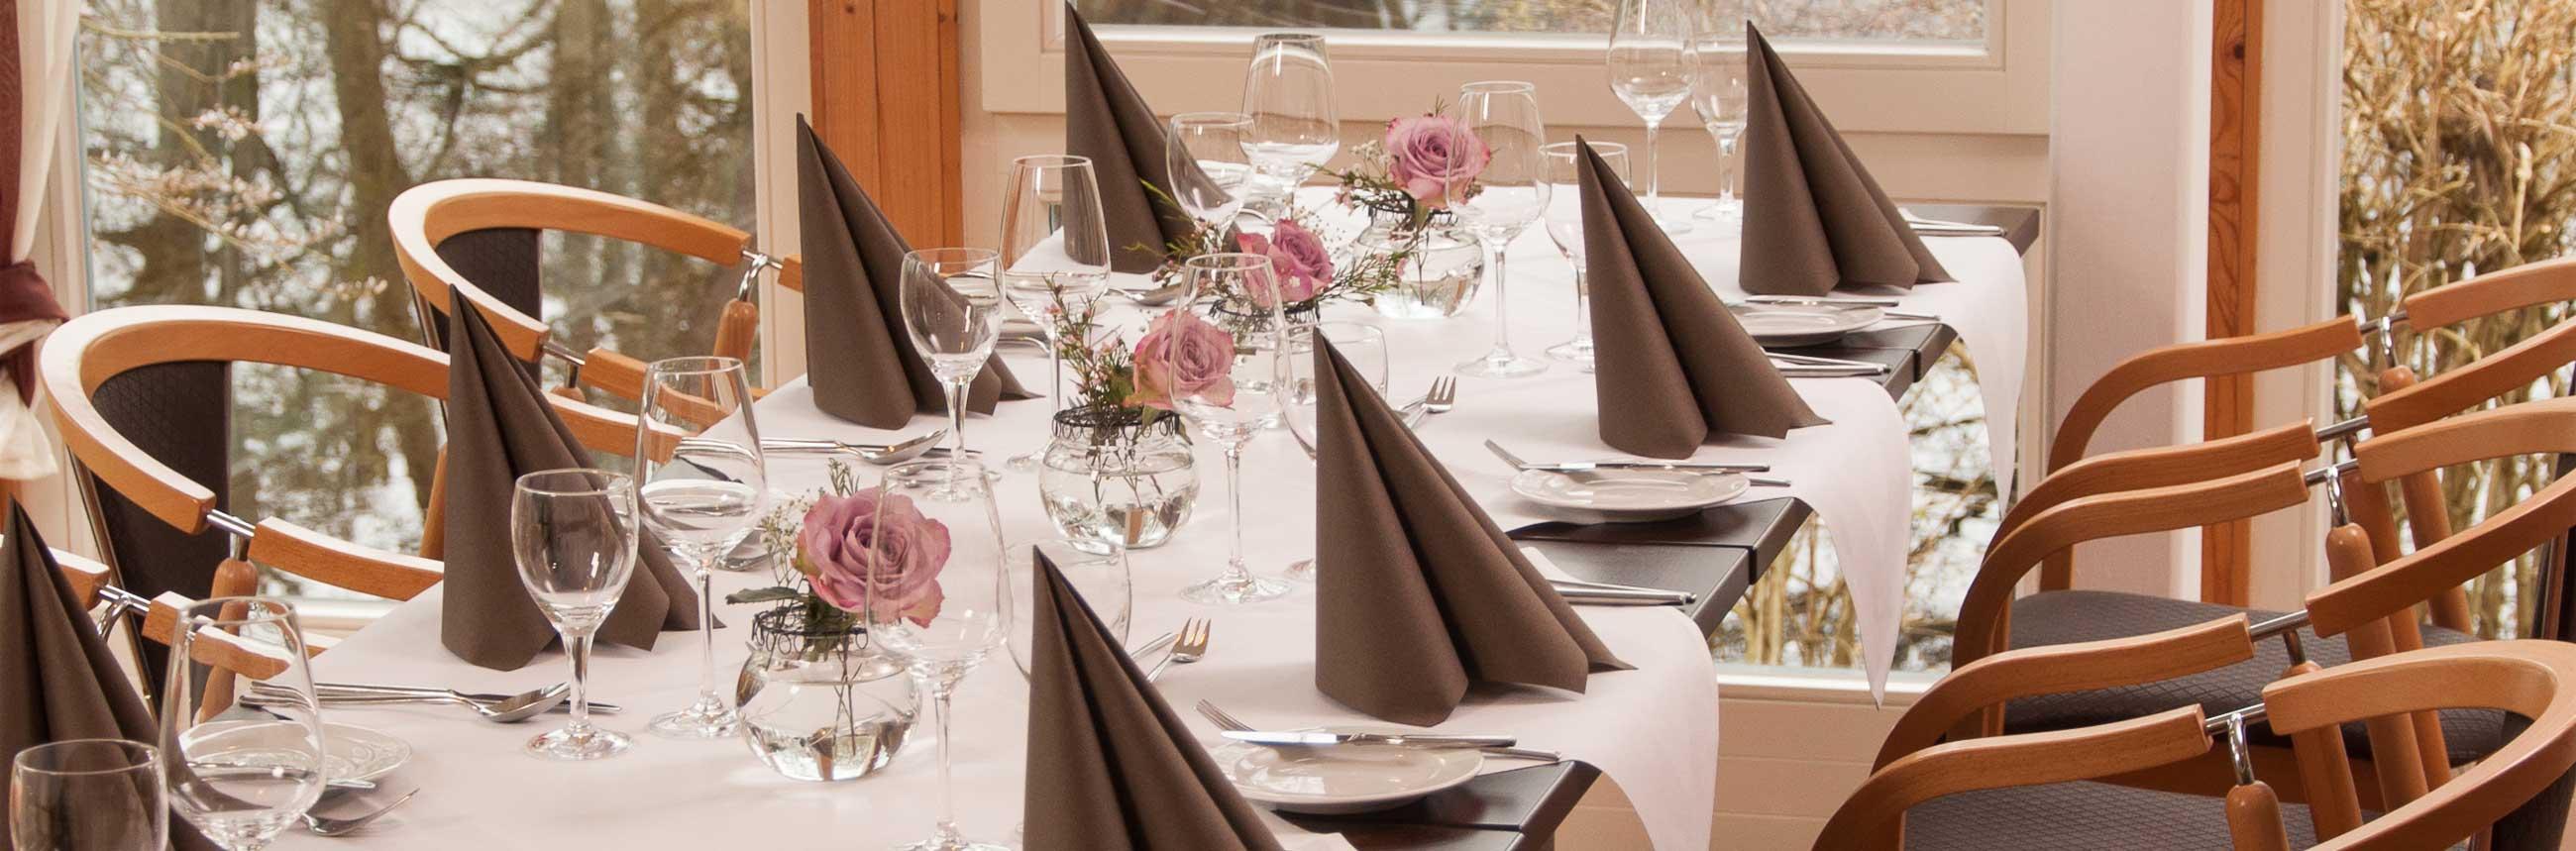 Ellernhof Restaurant